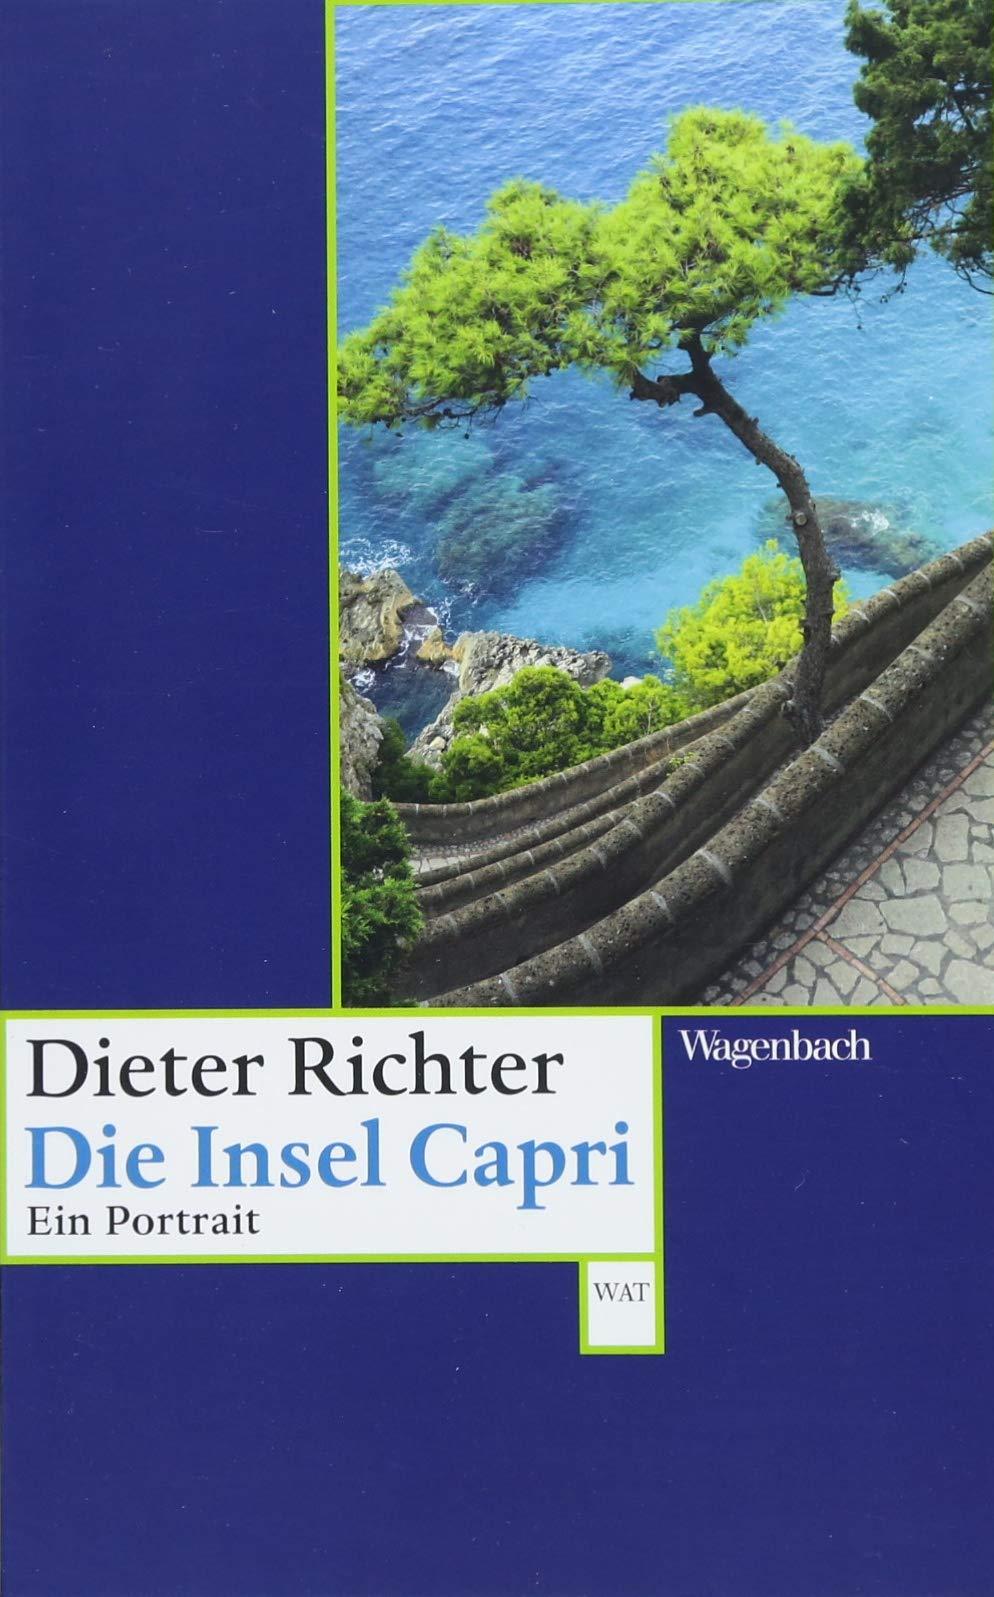 Die Insel Capri. Ein Portrait (Wagenbachs andere Taschenbücher) Taschenbuch – 16. März 2018 Dieter Richter 3803127955 Italien Fotobände (allgemein)